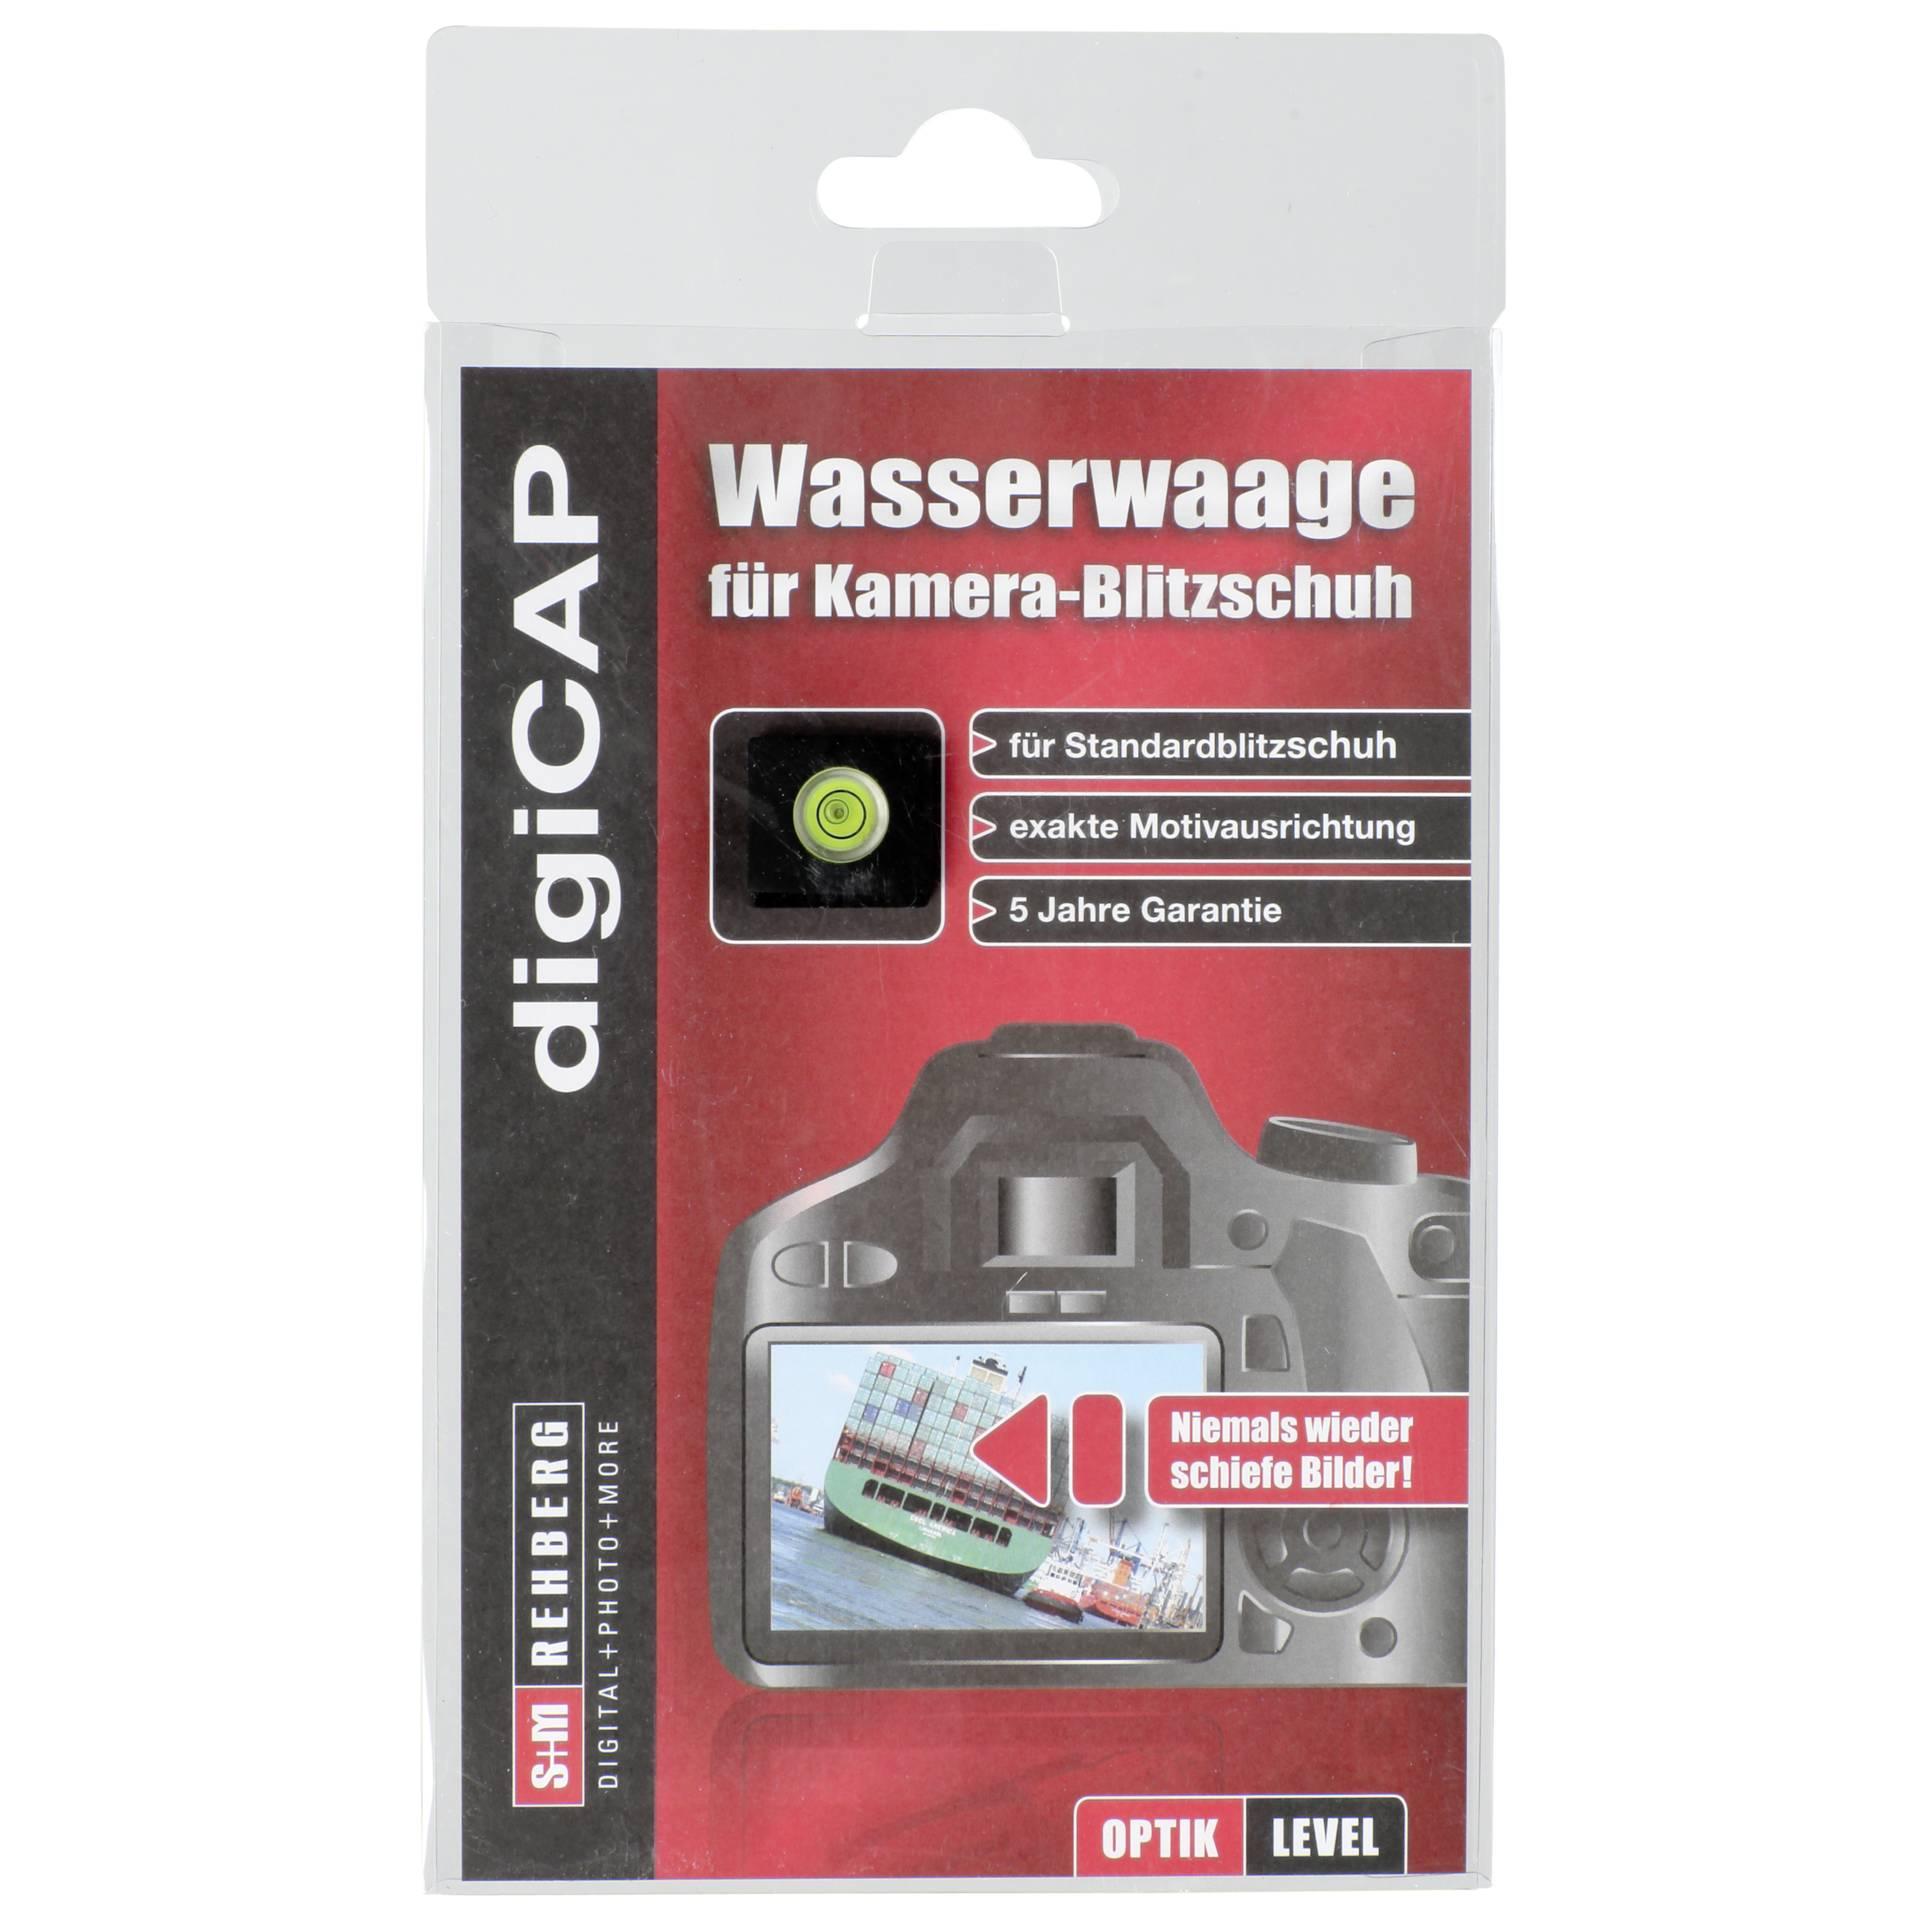 digiCAP Wasserwaage Standard Blitzschuh